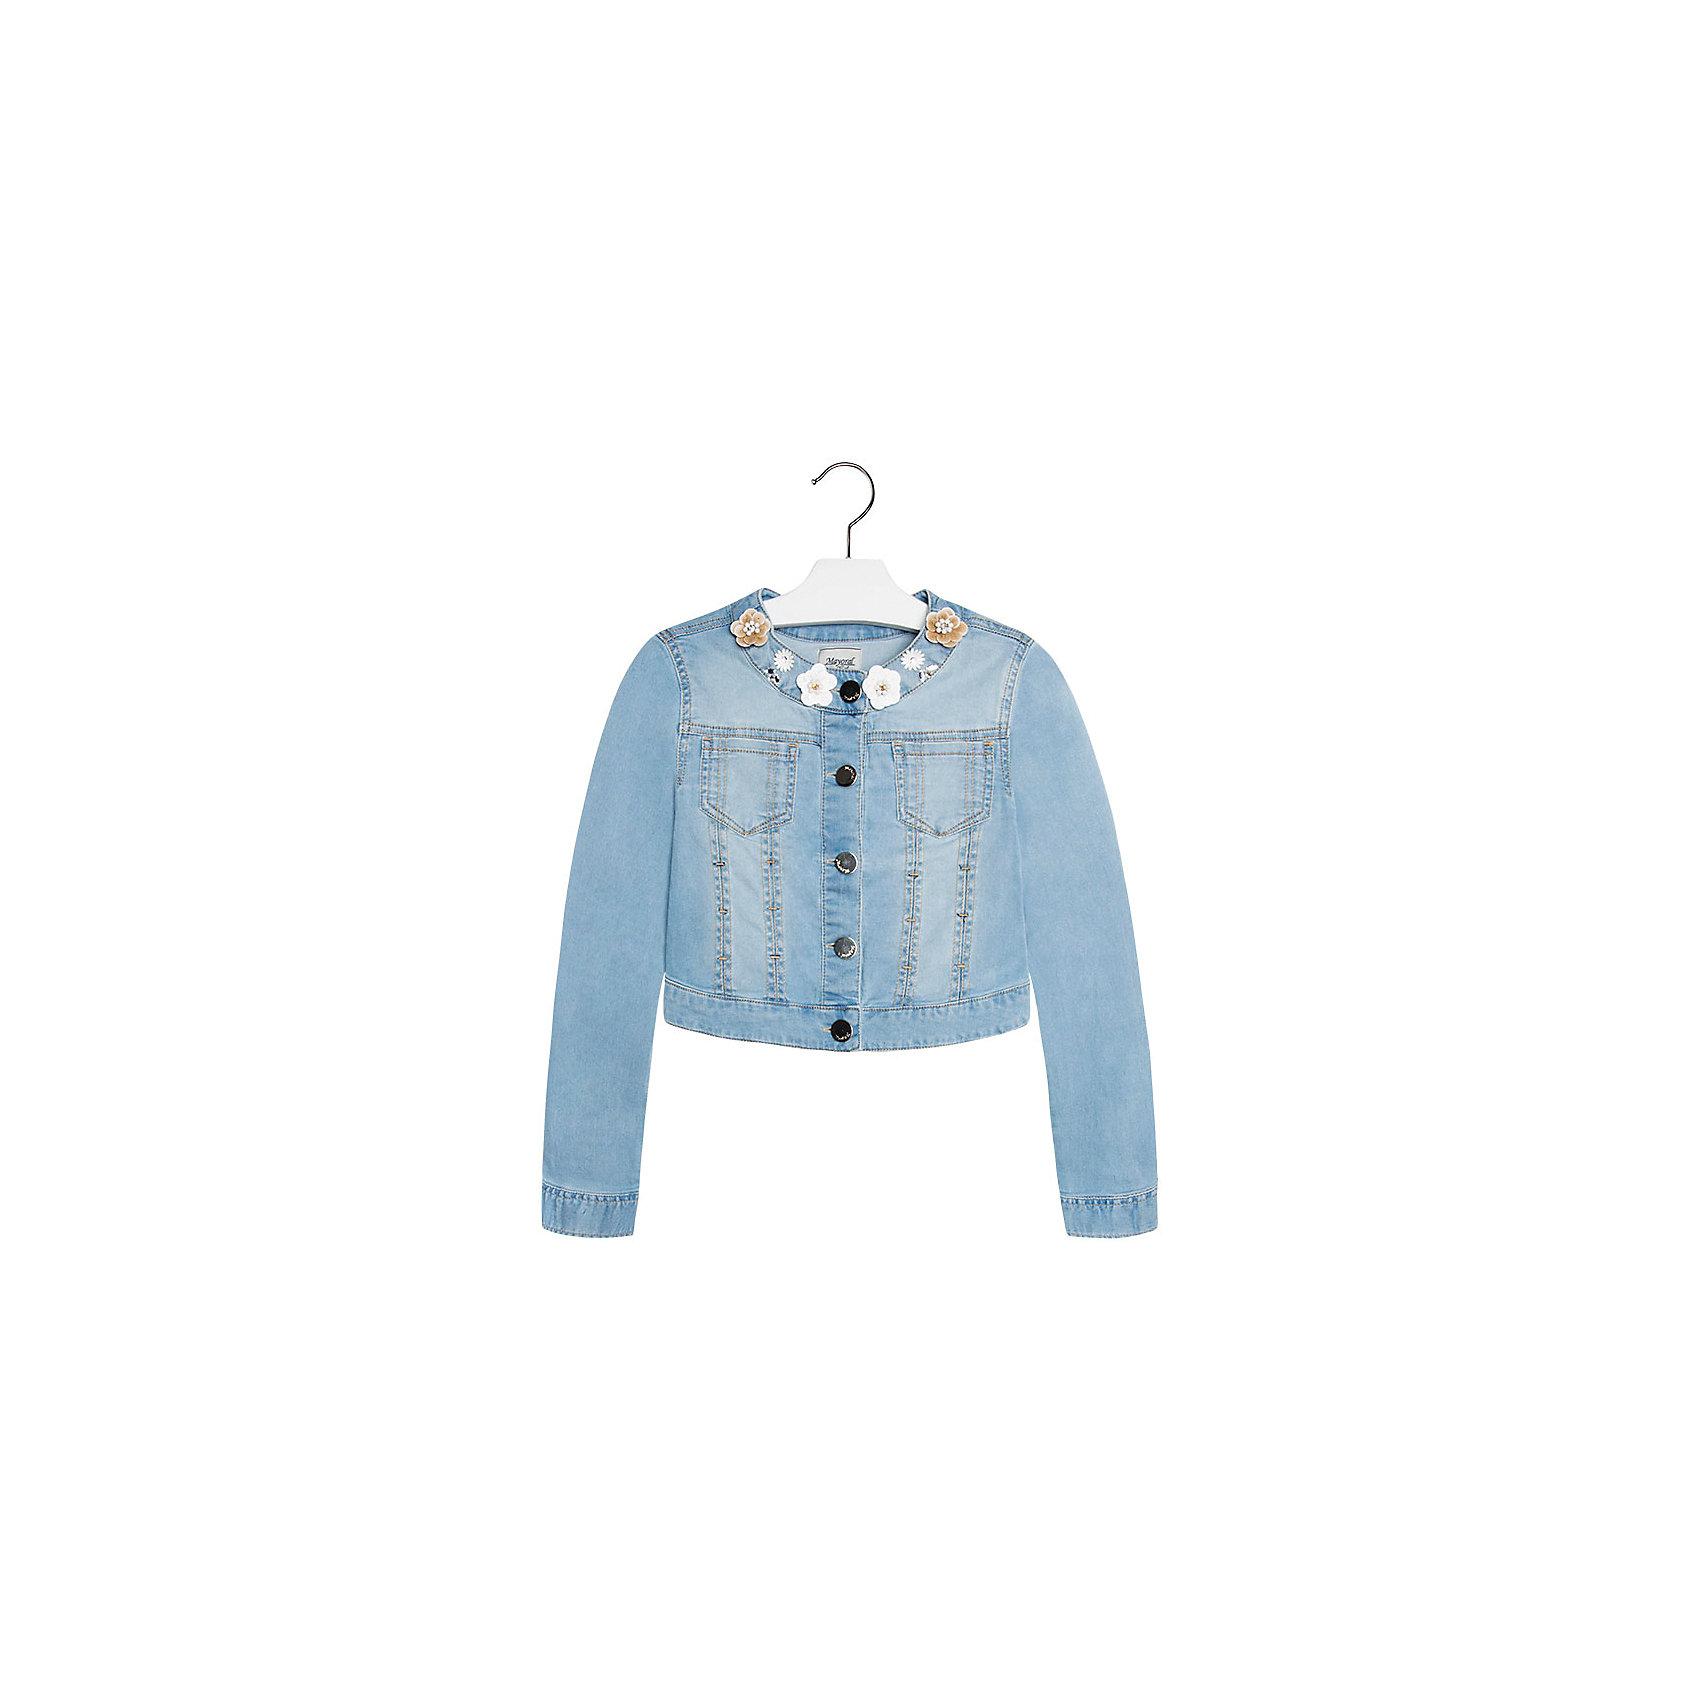 Куртка для девочки MayoralКуртка для девочки от известной испанской марки Mayoral подчеркнет индивидуальность юной модницы. <br><br>Дополнительная информация:<br><br>- Стильный дизайн.<br>- Застегивается на молнию.<br>- Манжеты рукавов на пуговицах.<br>- 2 кармана на груди.<br>- Аппликация в виде цветов.<br>- Ассиметричный низ (сзади короче). <br>- Состав: 98% хлопок, 2% эластан. <br><br>Куртку для девочки Mayoral (Майорал) можно купить в нашем магазине.<br><br>Ширина мм: 356<br>Глубина мм: 10<br>Высота мм: 245<br>Вес г: 519<br>Цвет: синий<br>Возраст от месяцев: 132<br>Возраст до месяцев: 144<br>Пол: Женский<br>Возраст: Детский<br>Размер: 128,170,152,164,158,140<br>SKU: 4538510